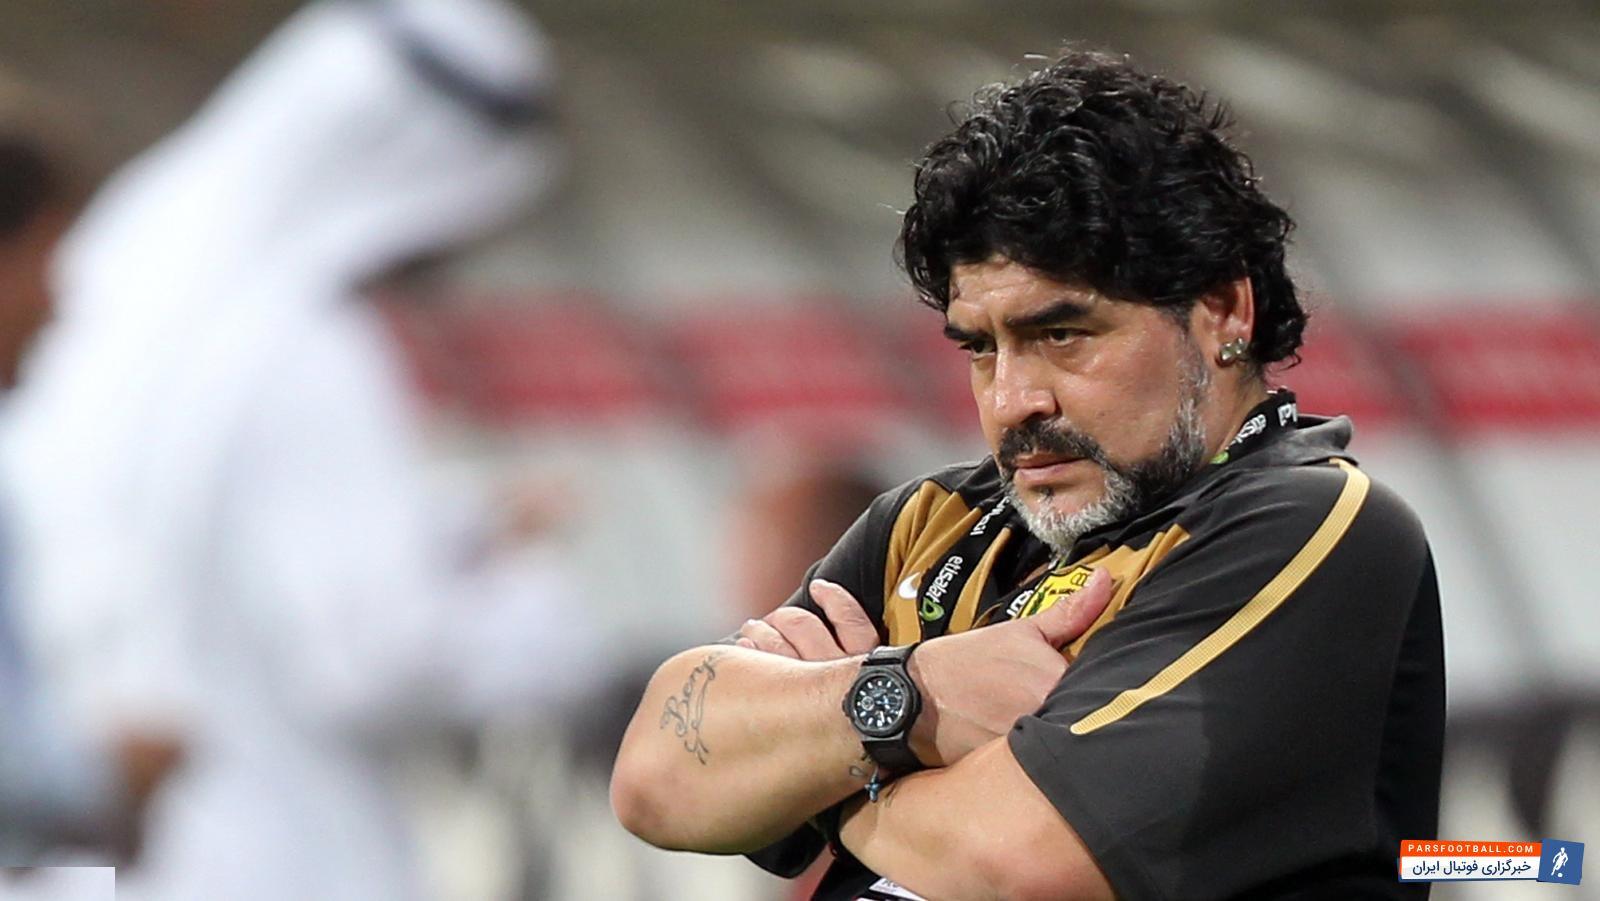 مارادونا کولیبالی را به یک قدیس تشبیه کرده است ؛ واکنش مارادونا به برد ناپولی در بازی حساس